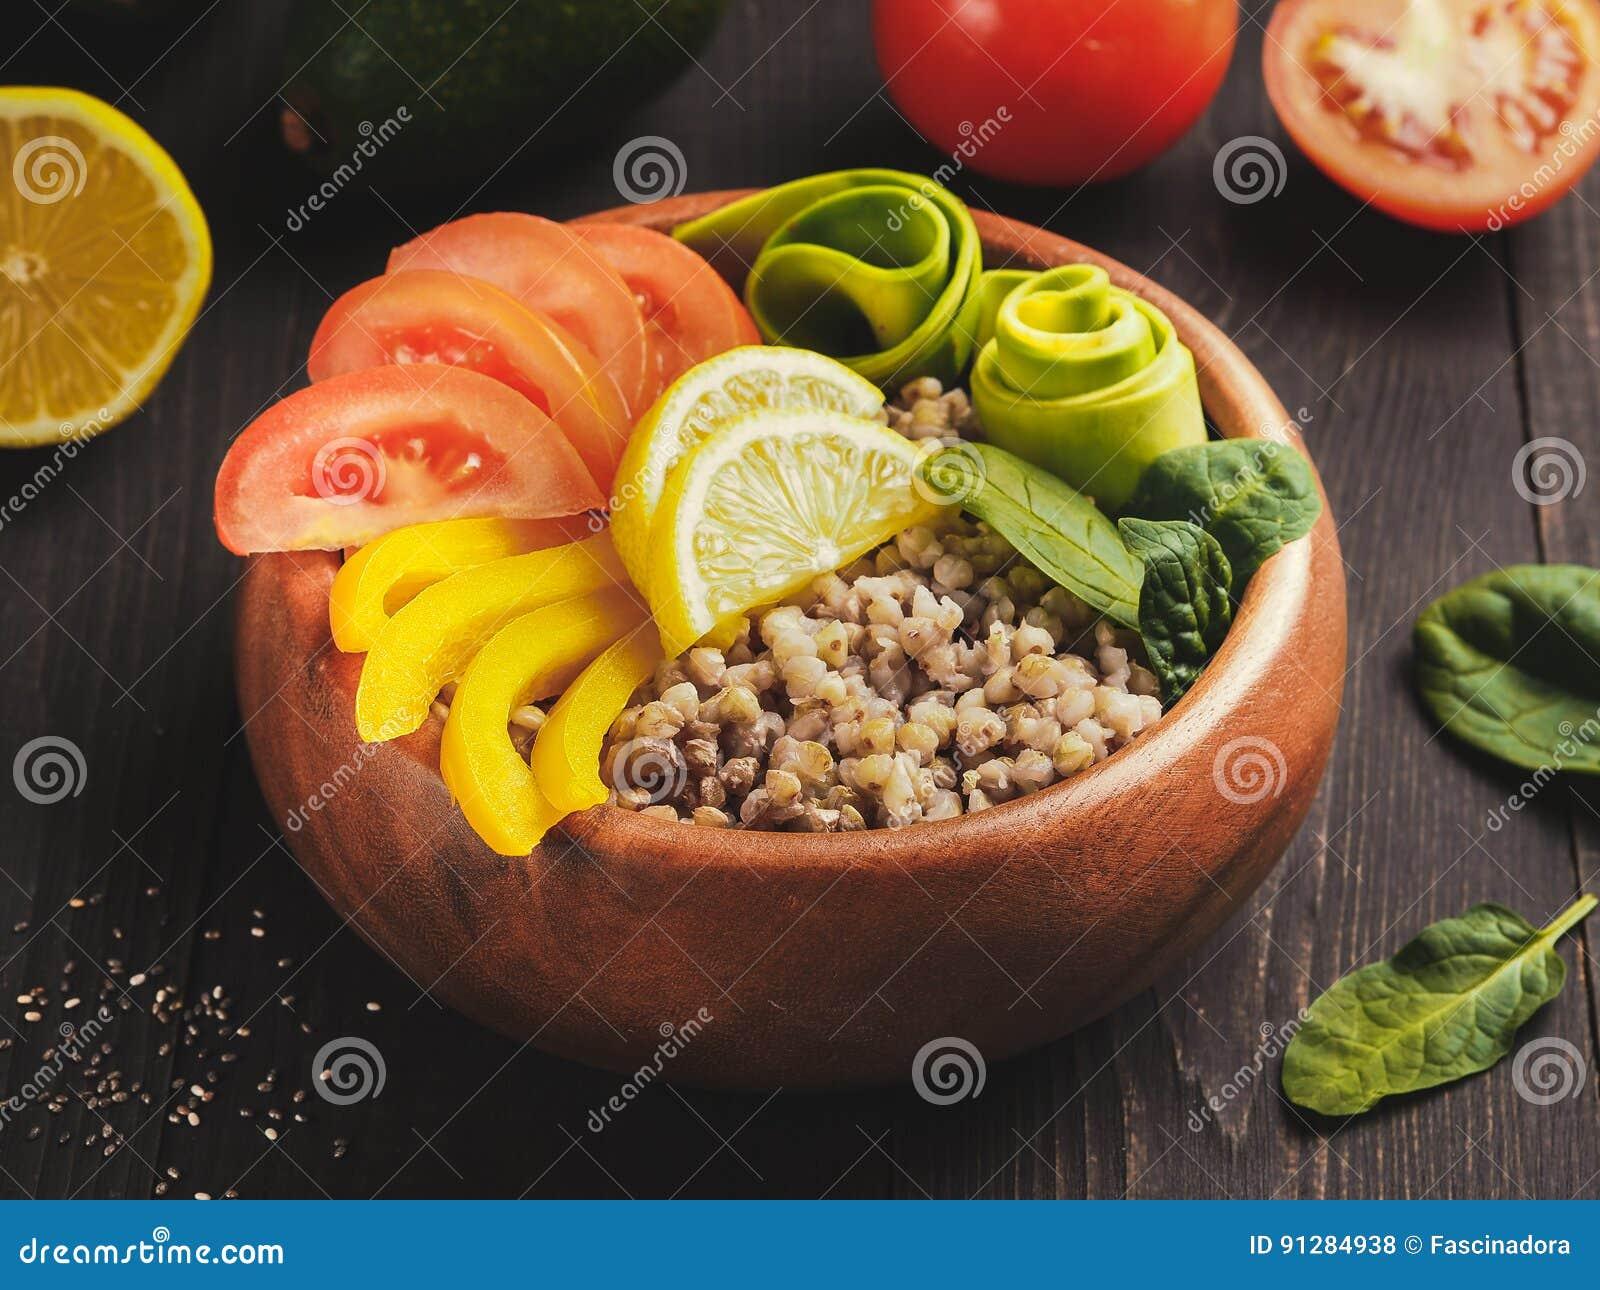 Vegetarianbuddha bunke